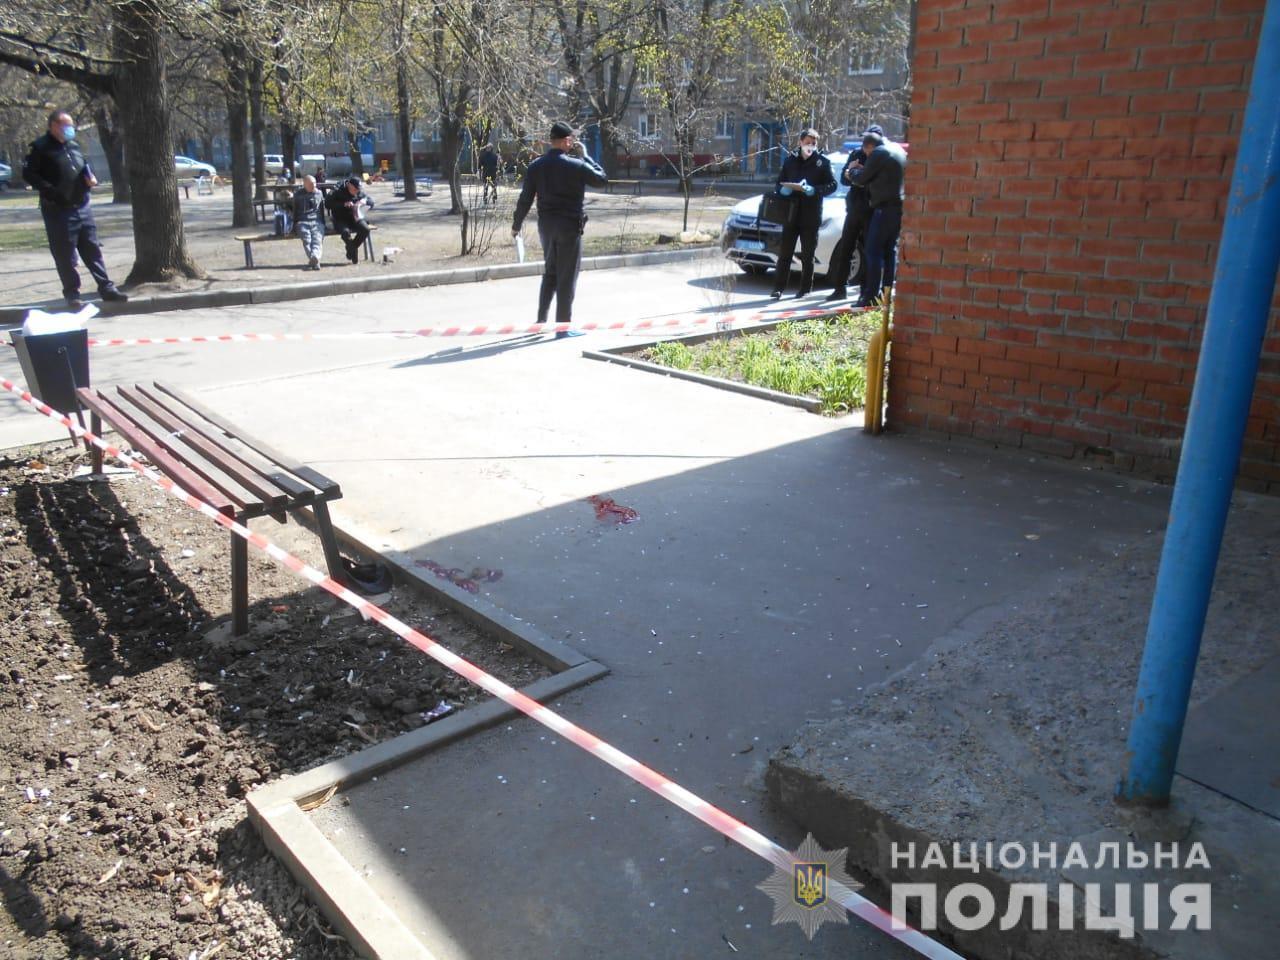 У Харкові жінка вдарила чоловіка ножем в голову. Фото та відео 18+